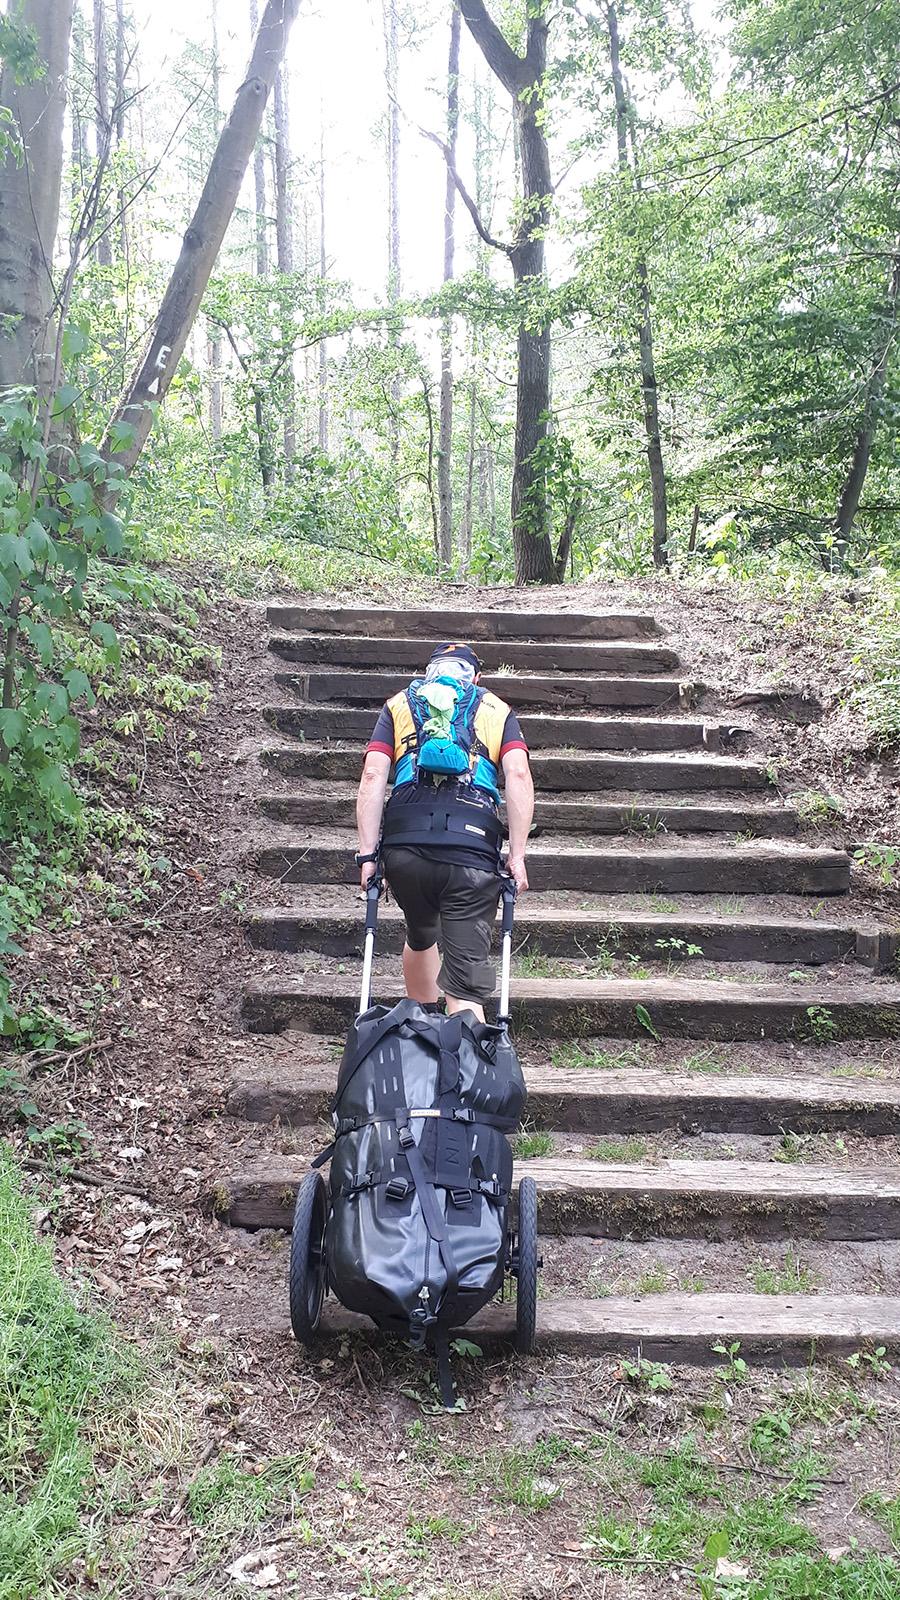 Mit Pilgerwagen eine Holztreppe im Wald hochsteigen